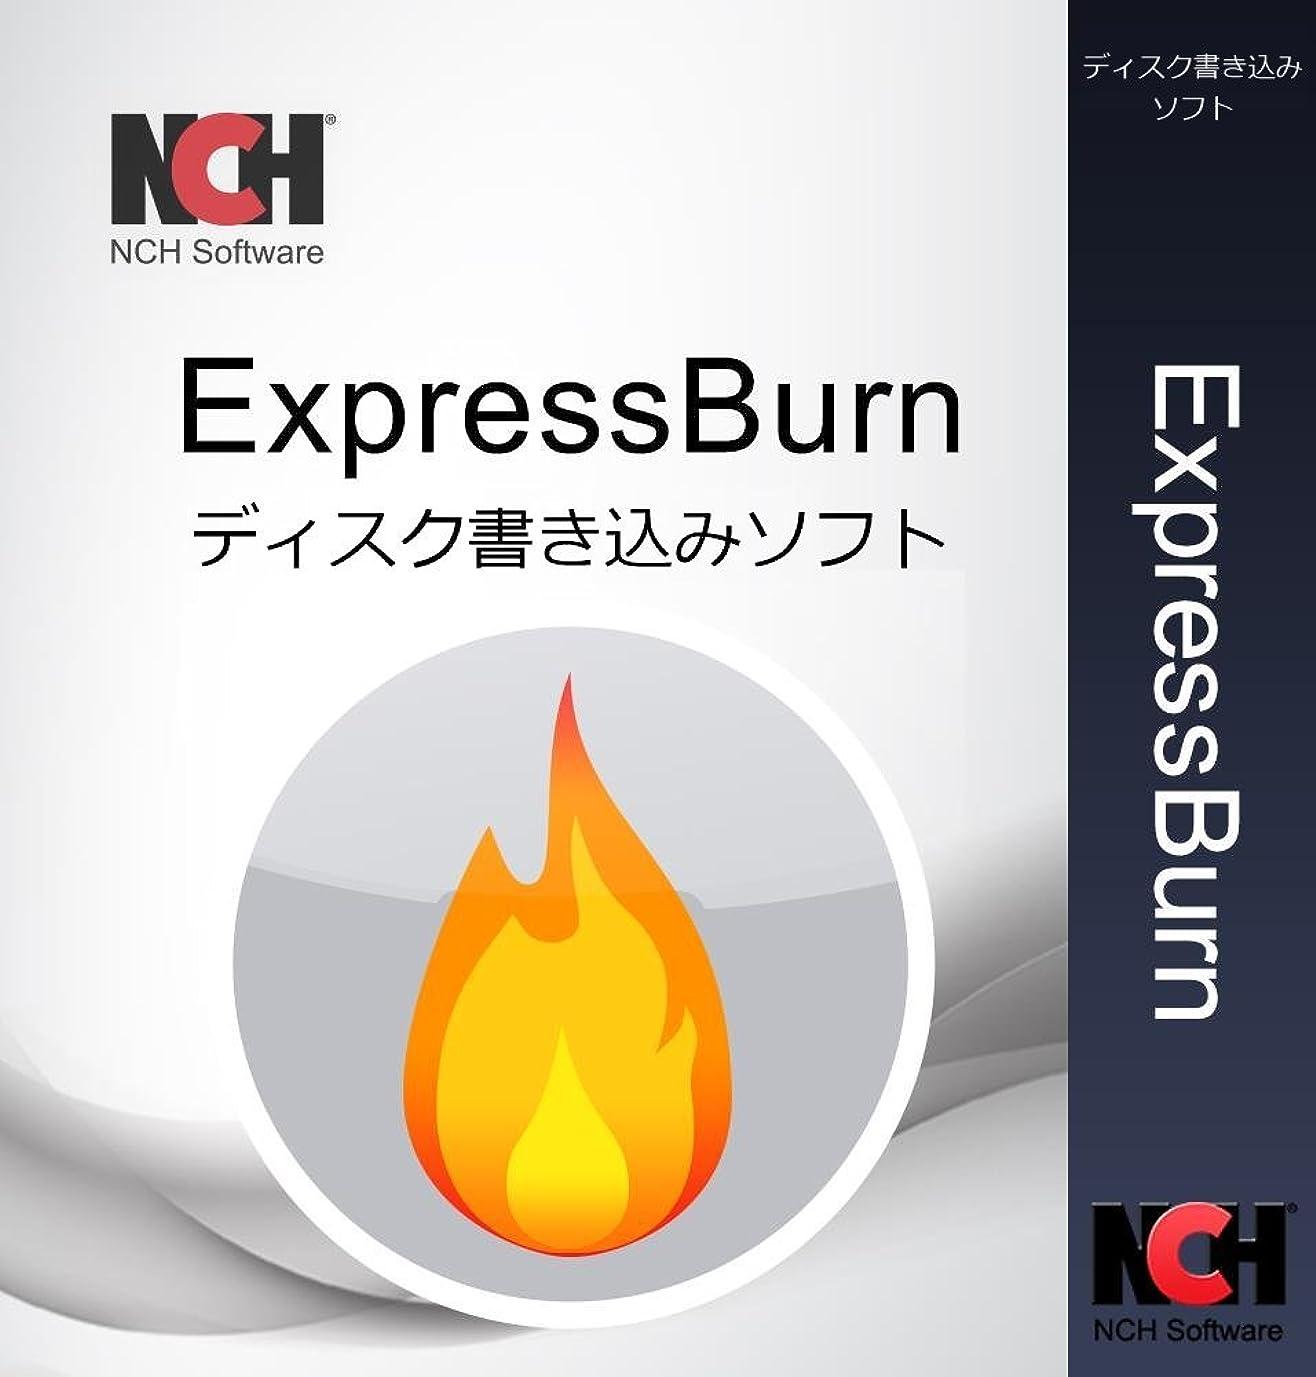 思慮のない賄賂ボーナスExpress Burnディスク書き込みソフトMac版【無料版】|ダウンロード版